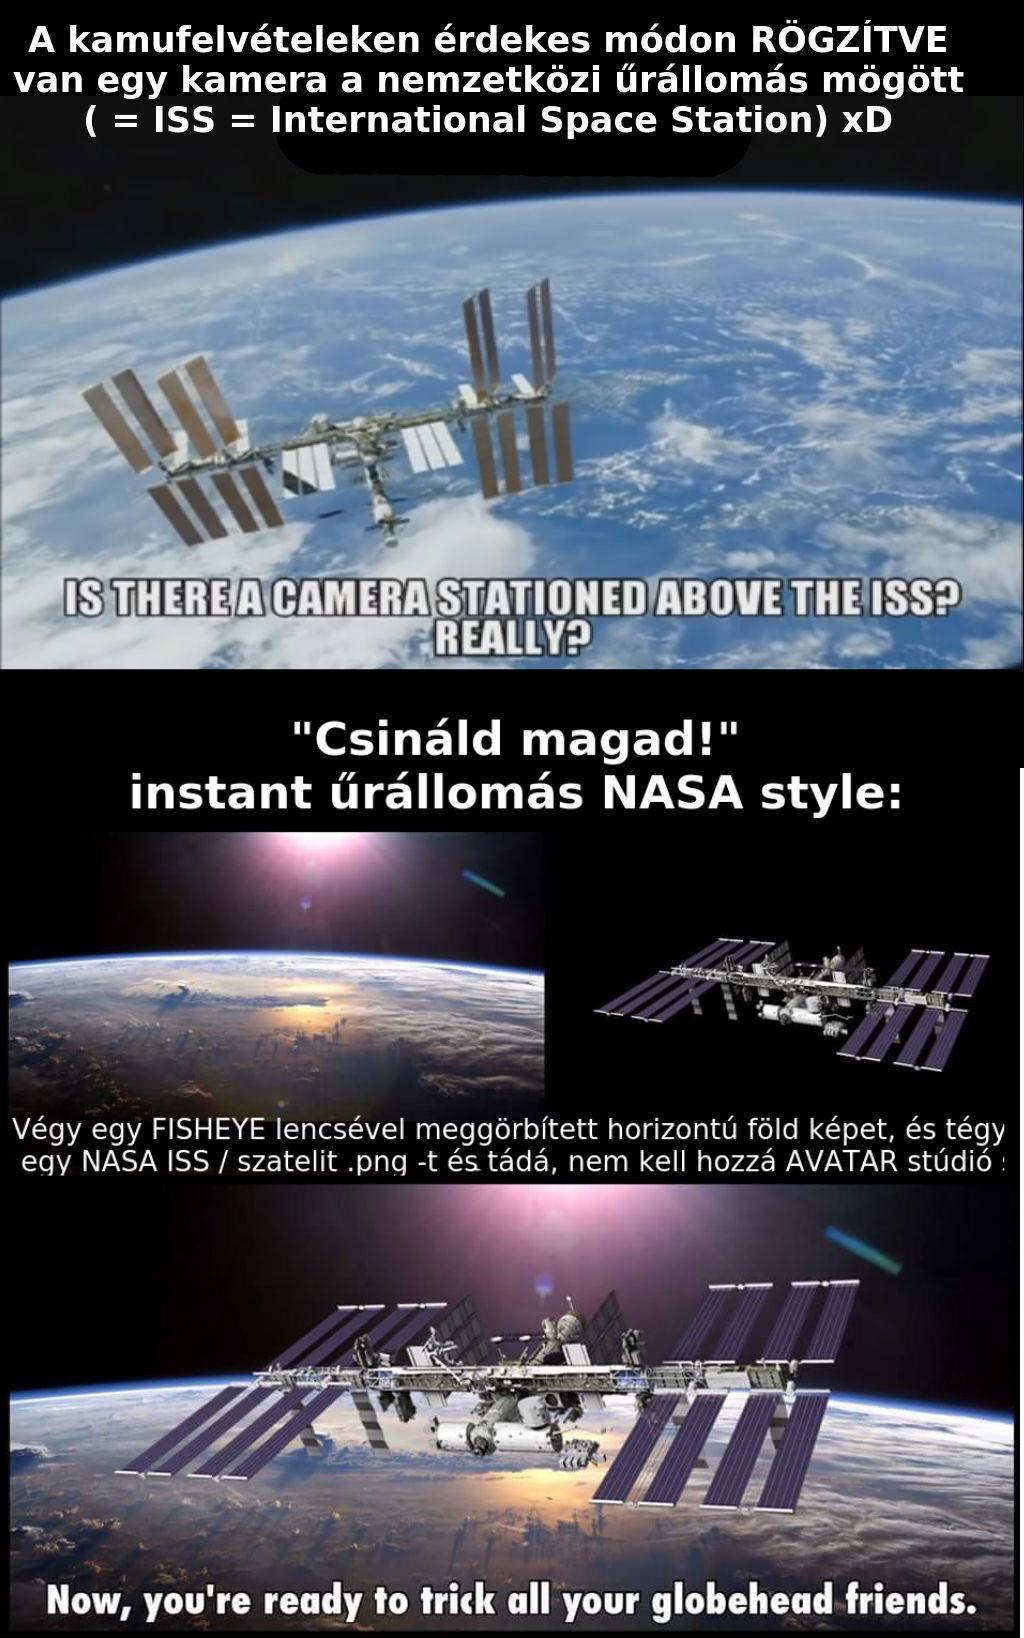 Mi az igazság a NASA-ról, az űrállomásról?